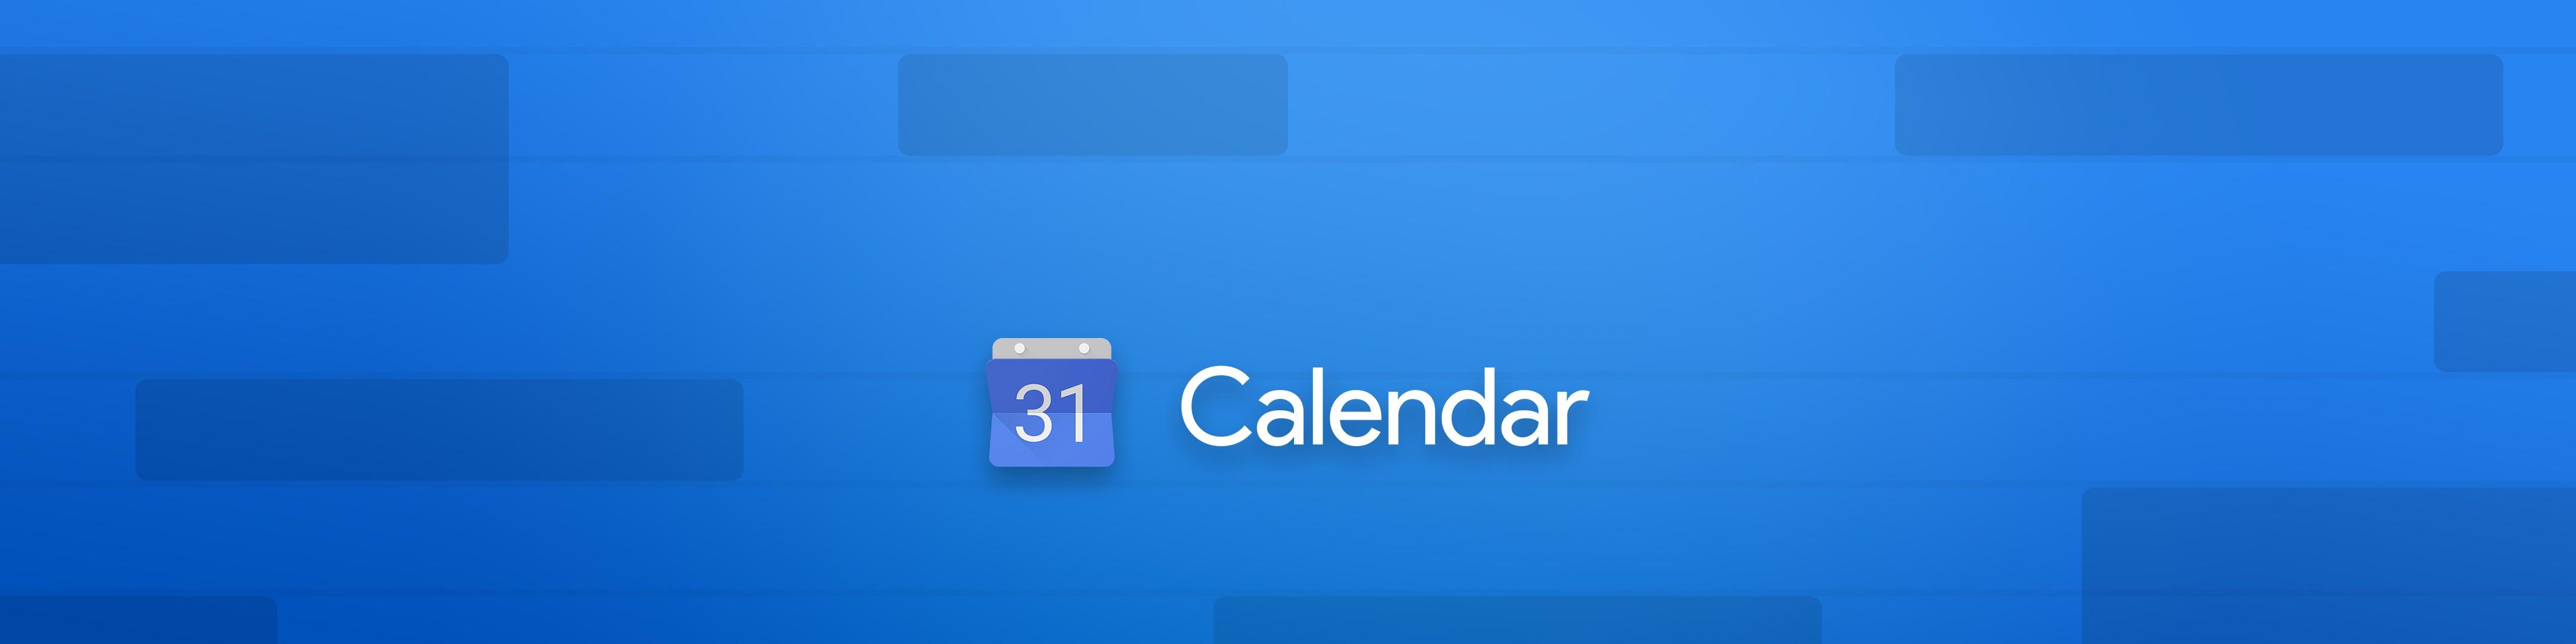 Calendario de Google Revenue & Download estimates Apple